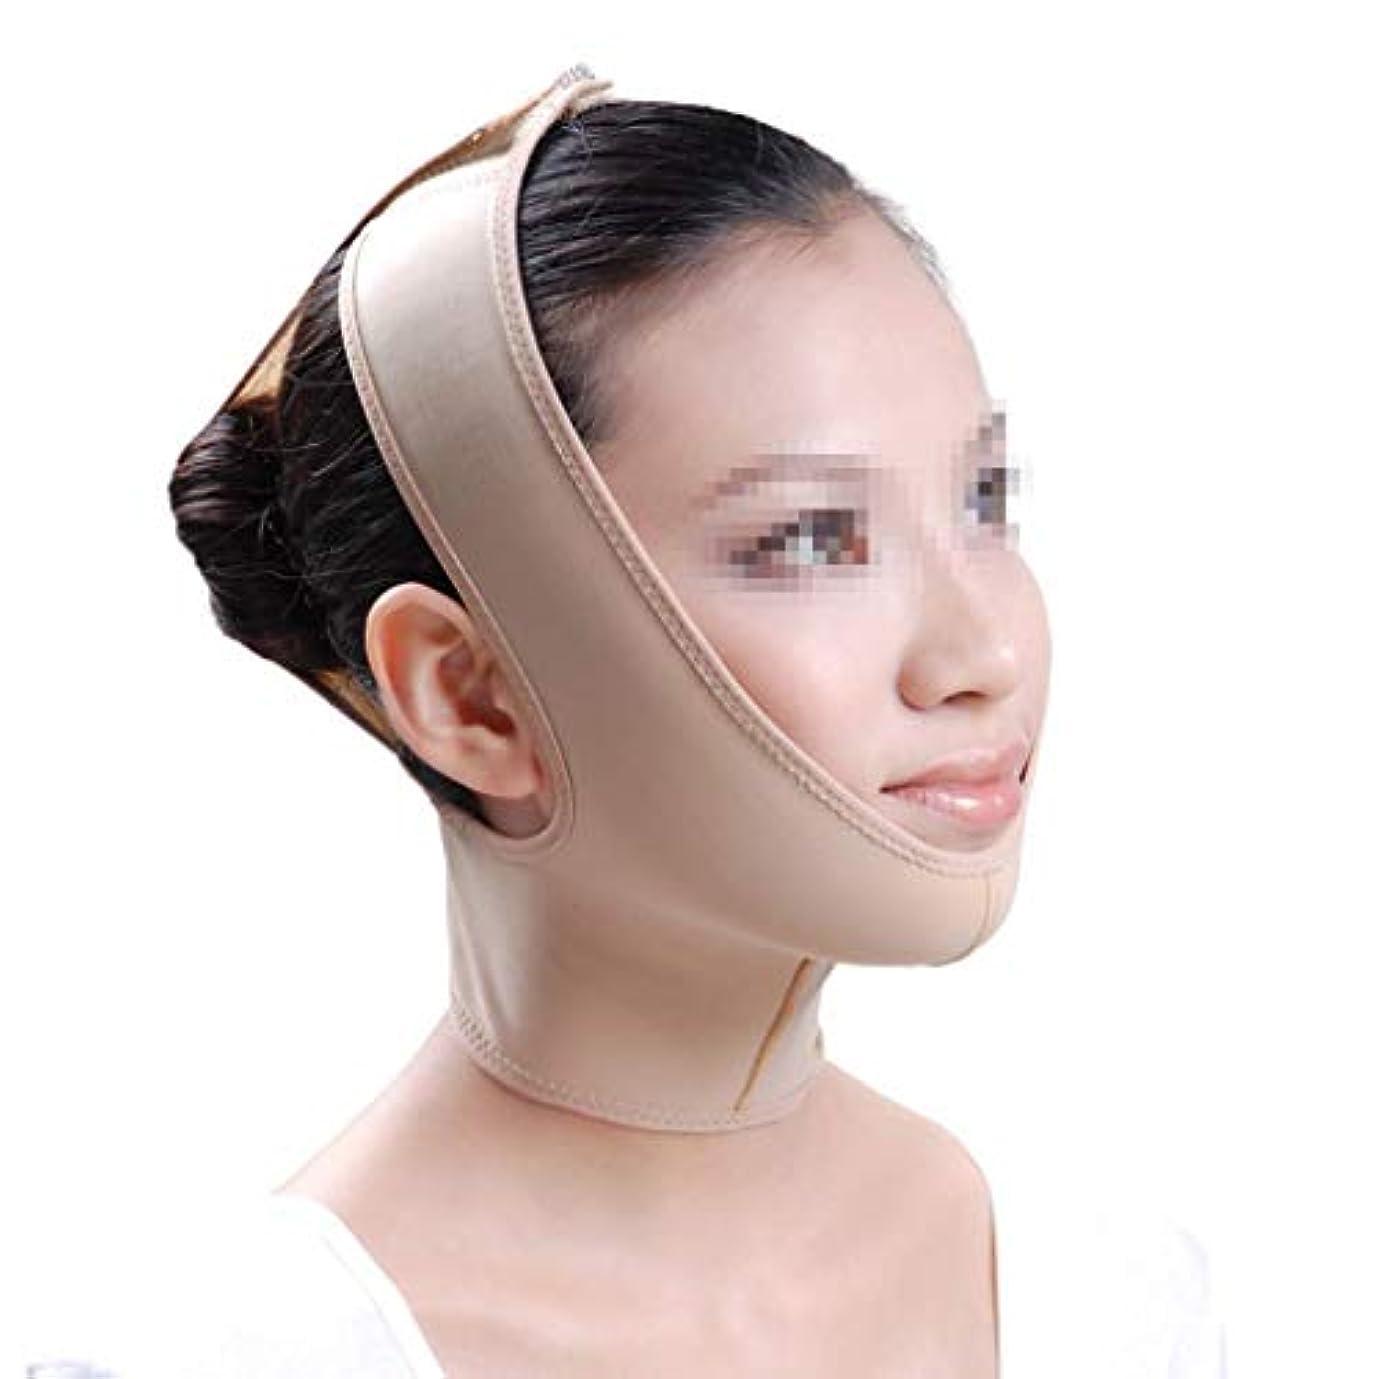 テーマ計算可能タイトフェイスリフトマスク、顎首スリーブ首ダブルあご顔医療脂肪吸引手術傷フェイスマスクヘッド弾性スリーブ(サイズ:XXL)